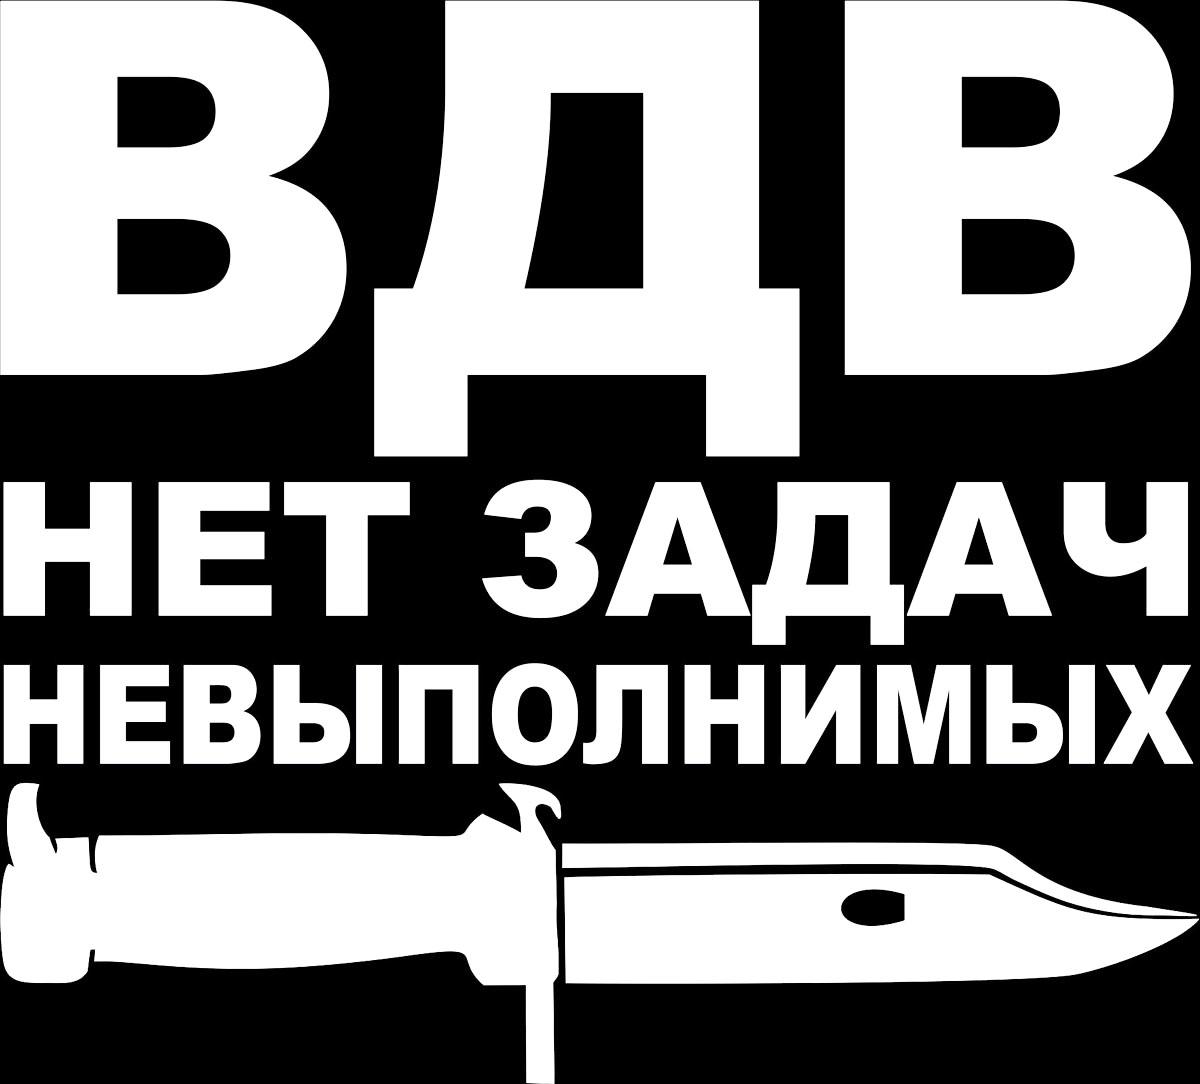 Наклейка автомобильная Оранжевый слоник ВДВ. Нет задач невыполнимых, виниловая, цвет: белый150VS0003WОригинальная наклейка Оранжевый слоник ВДВ. Нет задач невыполнимых изготовлена из высококачественной виниловой пленки, которая выполняет не только декоративную функцию, но и защищает кузов автомобиля от небольших механических повреждений, либо скрывает уже существующие. Виниловые наклейки на автомобиль - это не только красиво, но еще и быстро! Всего за несколько минут вы можете полностью преобразить свой автомобиль, сделать его ярким, необычным, особенным и неповторимым!